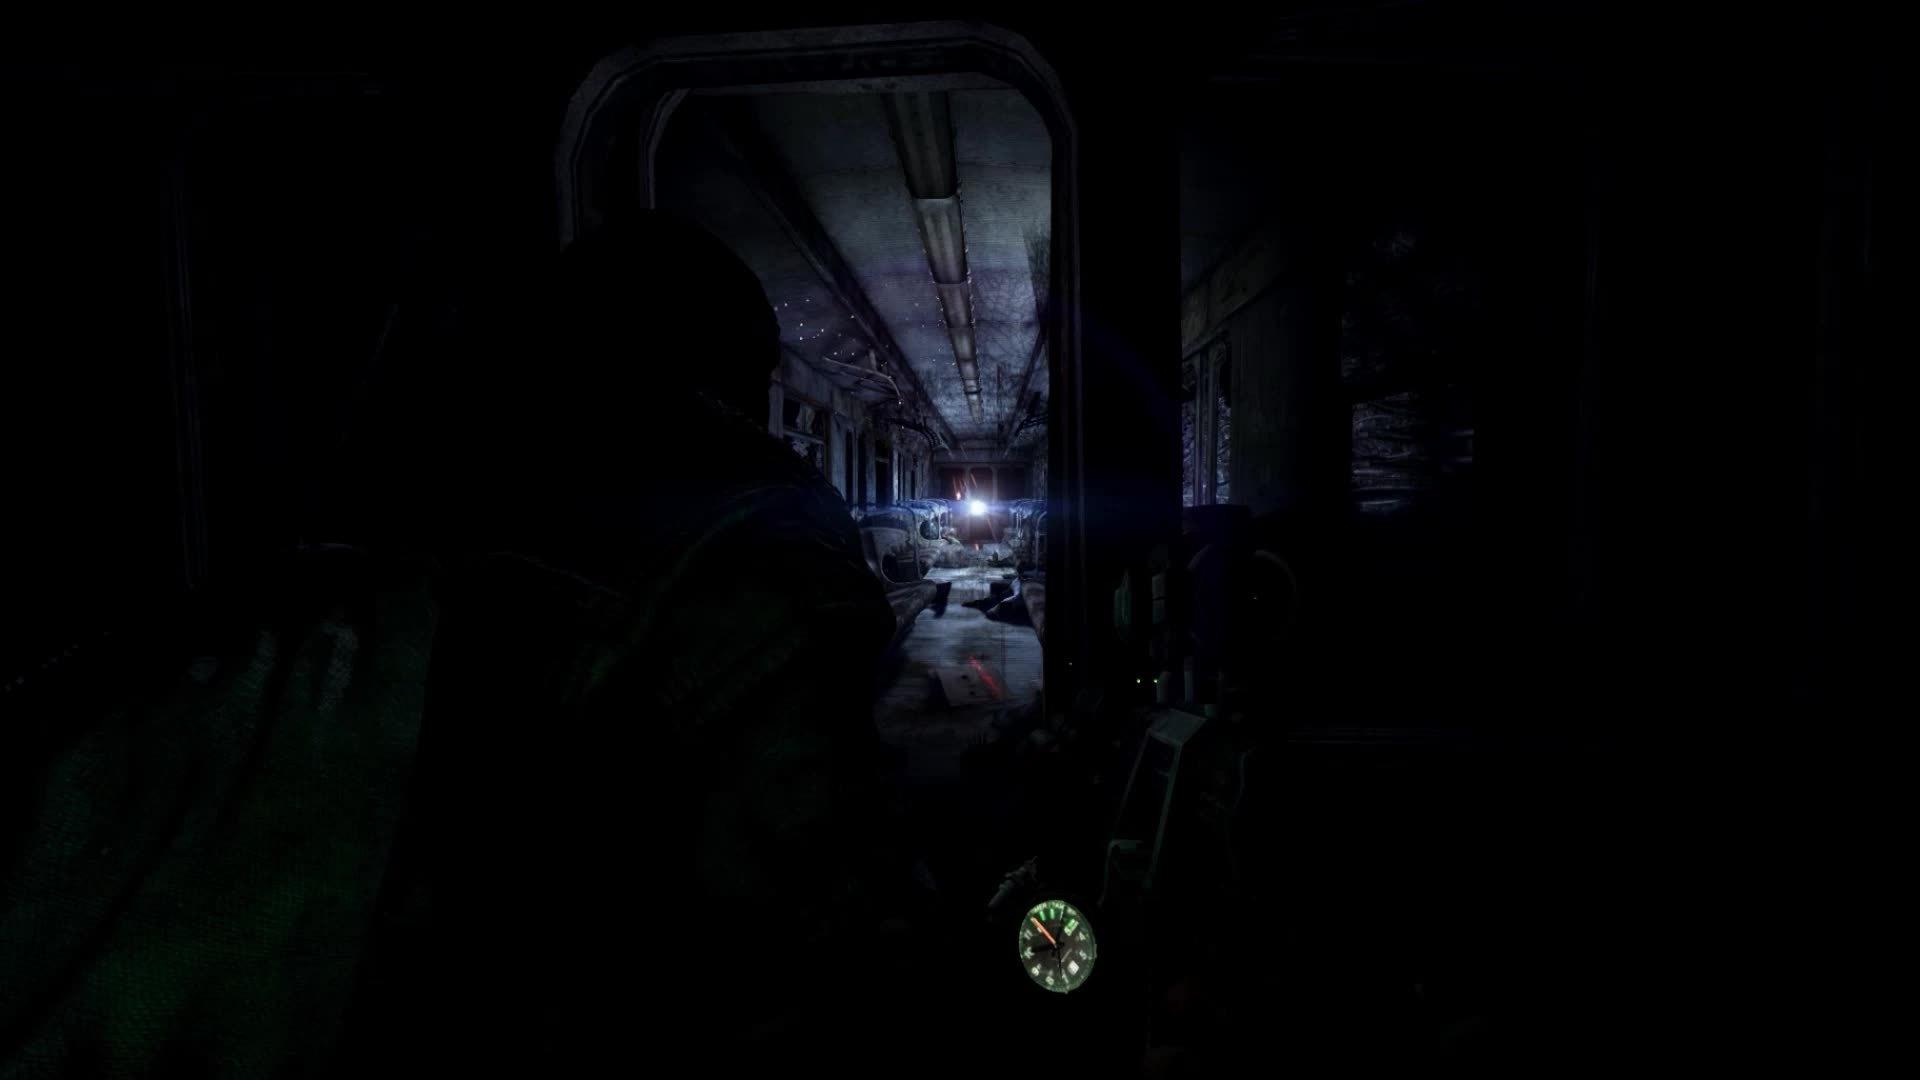 metro2033, Metro Redux - Anomaly GIFs